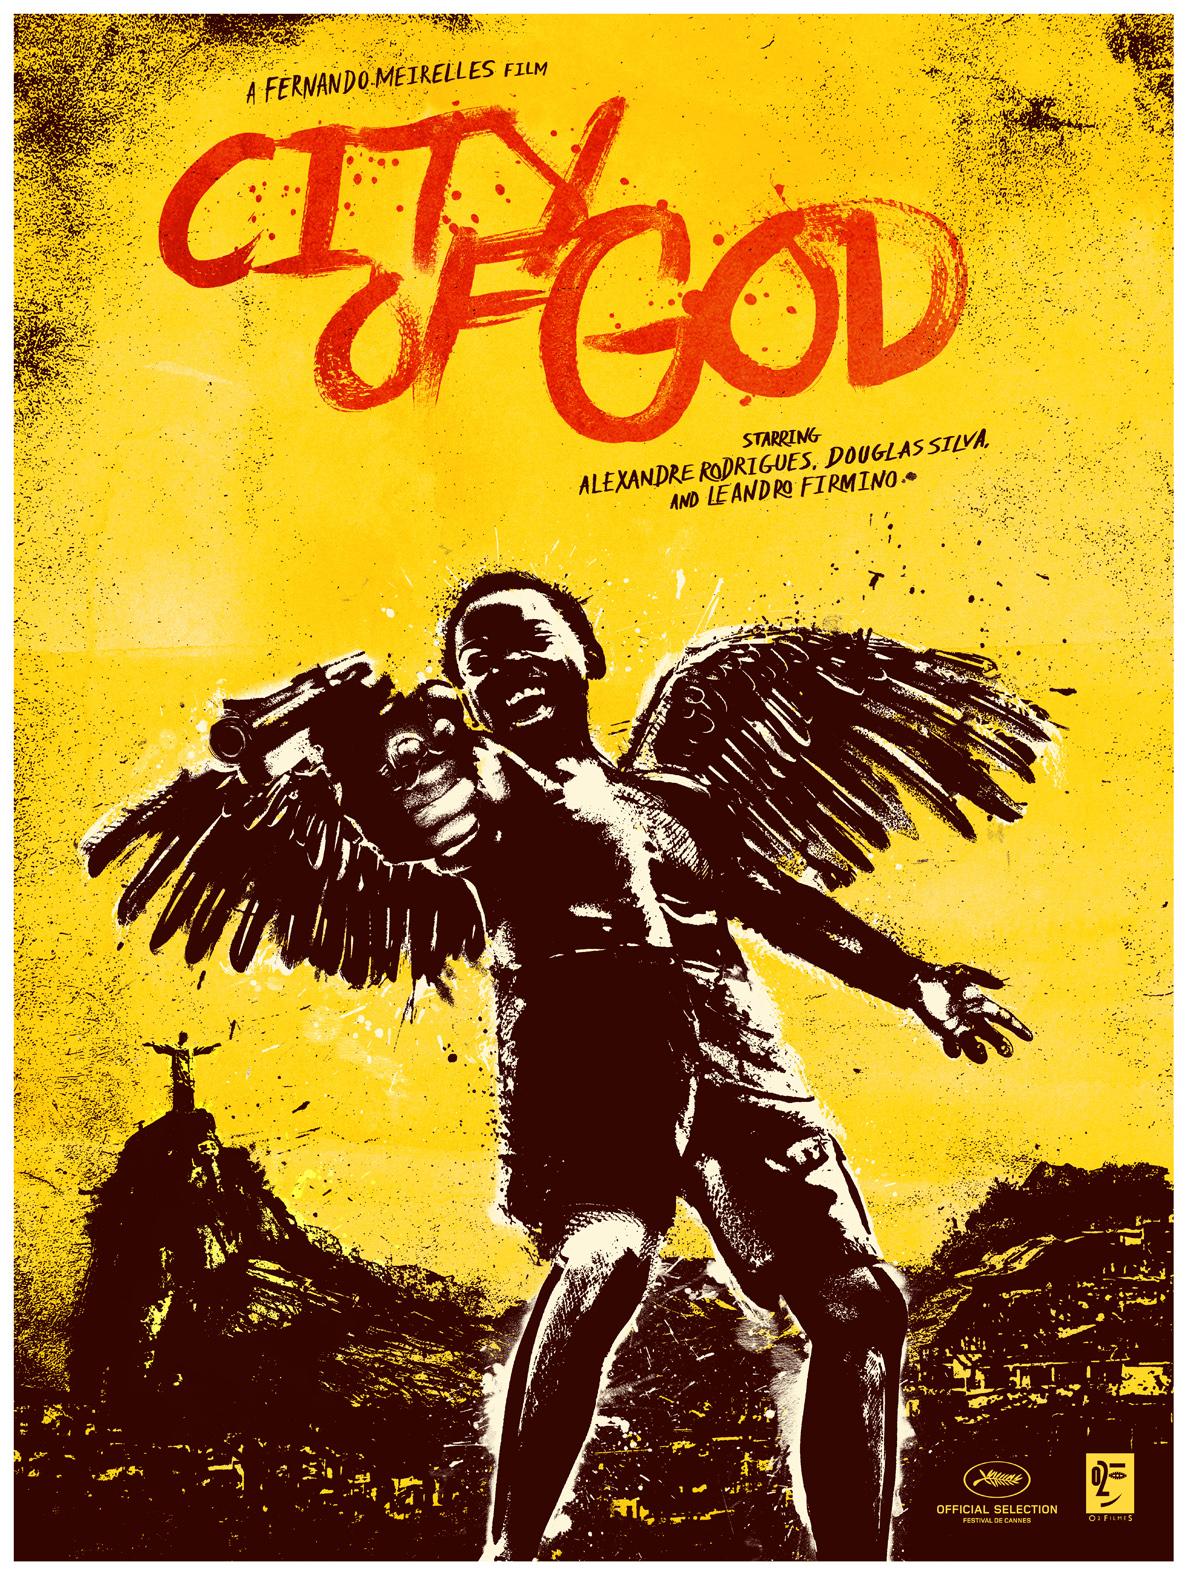 Movie poster artist database